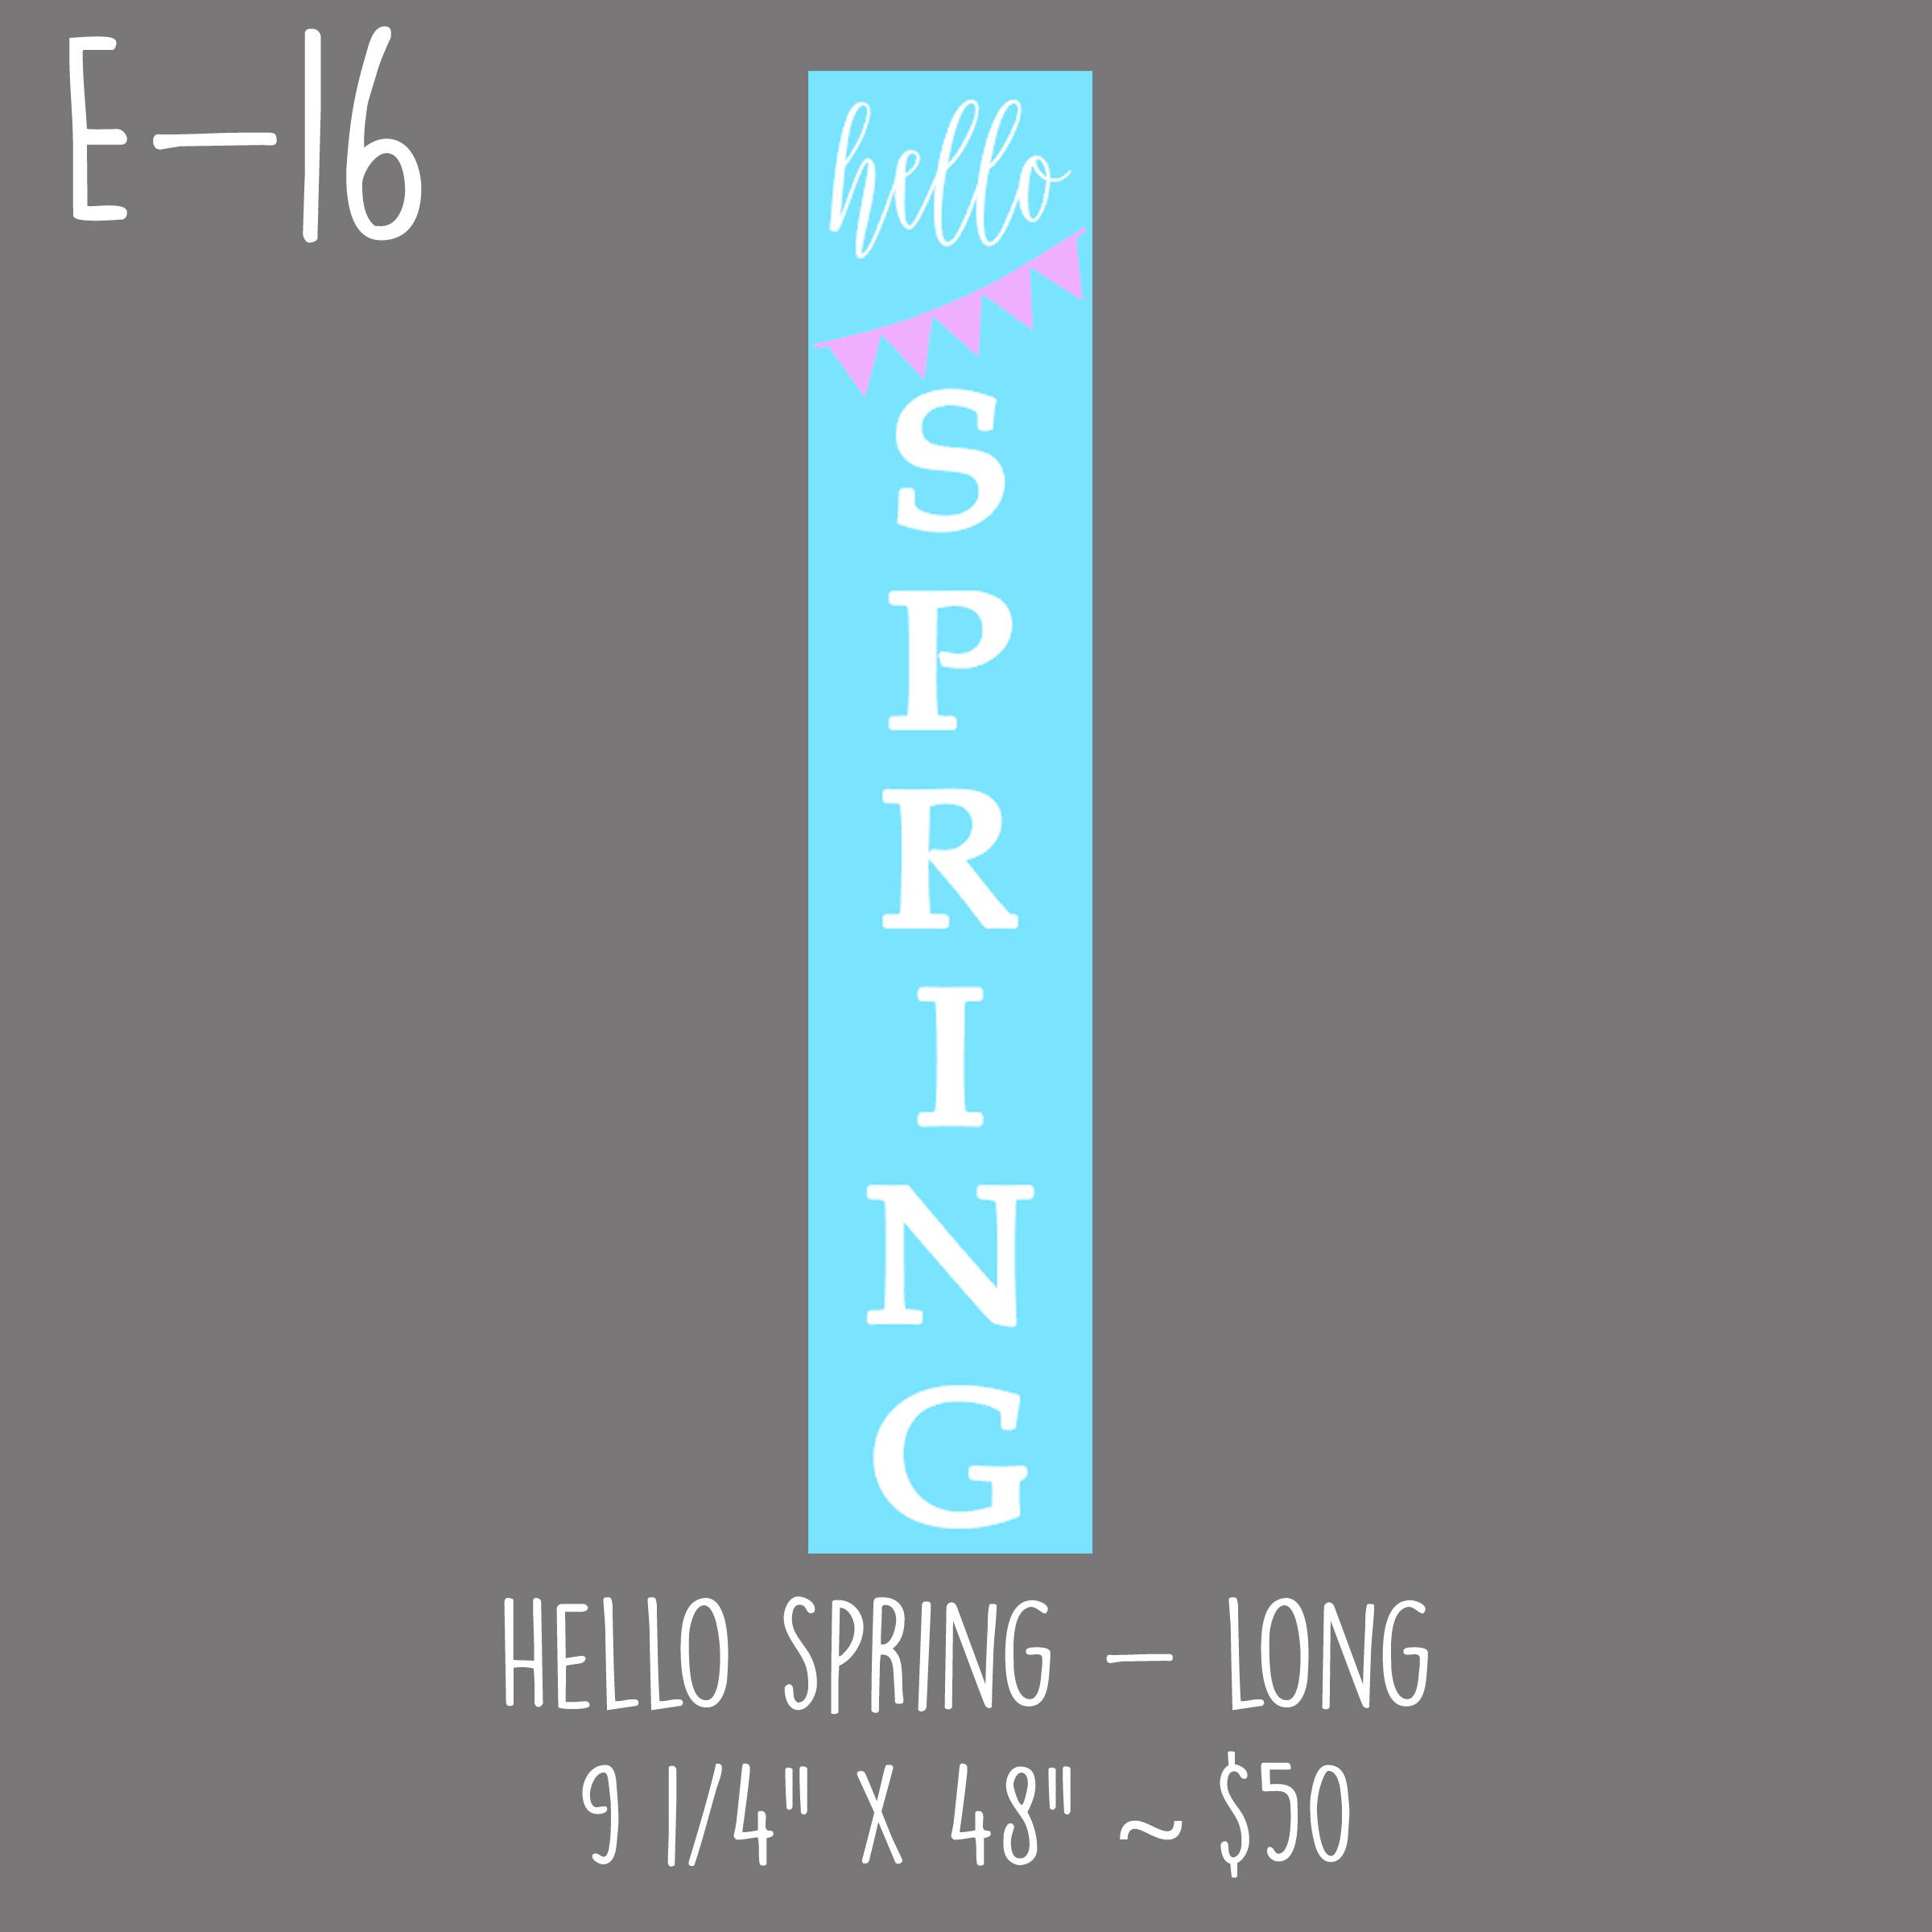 E16 - Hello Spring Long.jpg